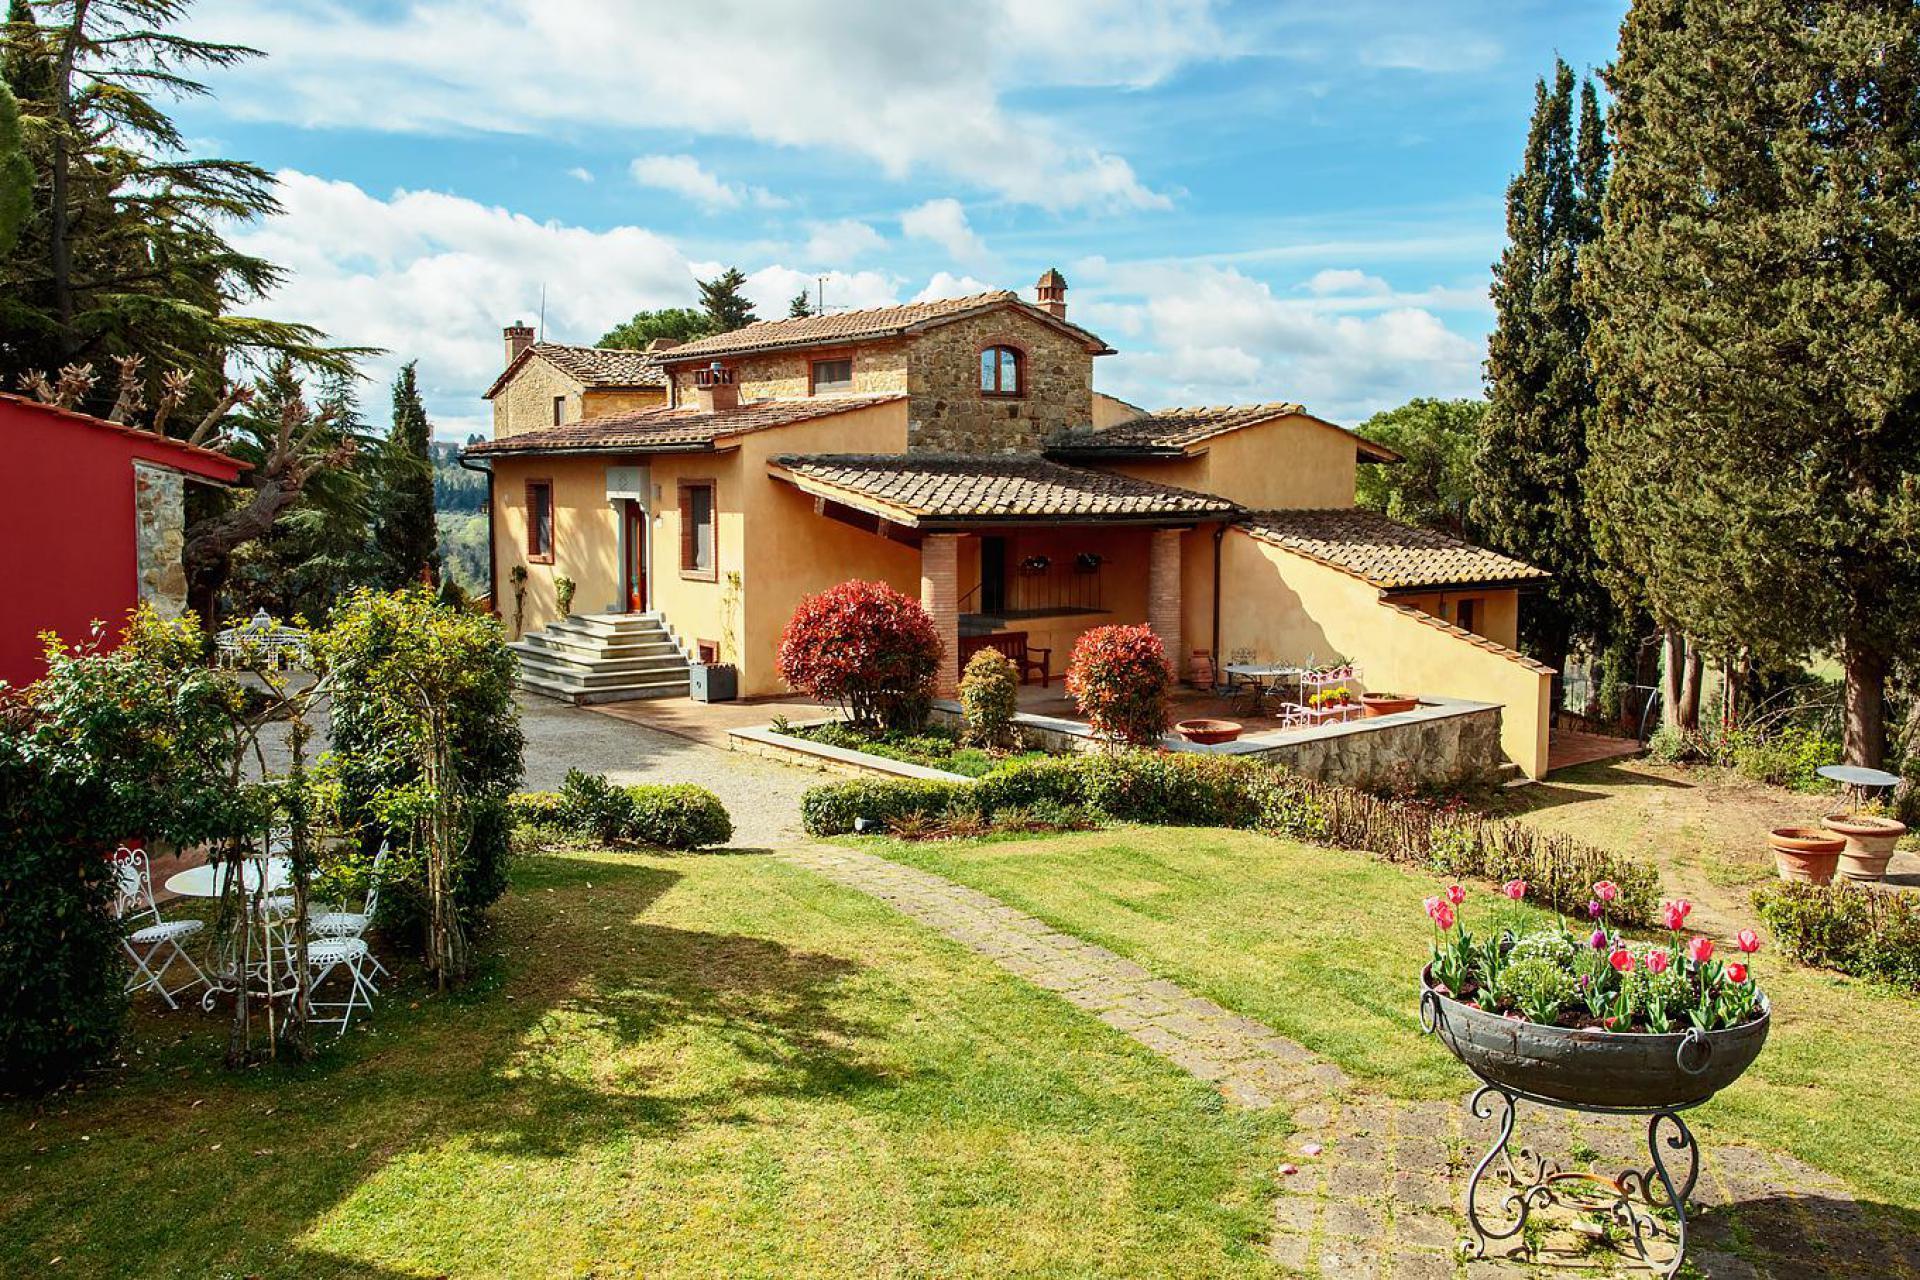 Agriturismo Toskana Agriturismo Toskana, luxuriös und bei San Gimignano